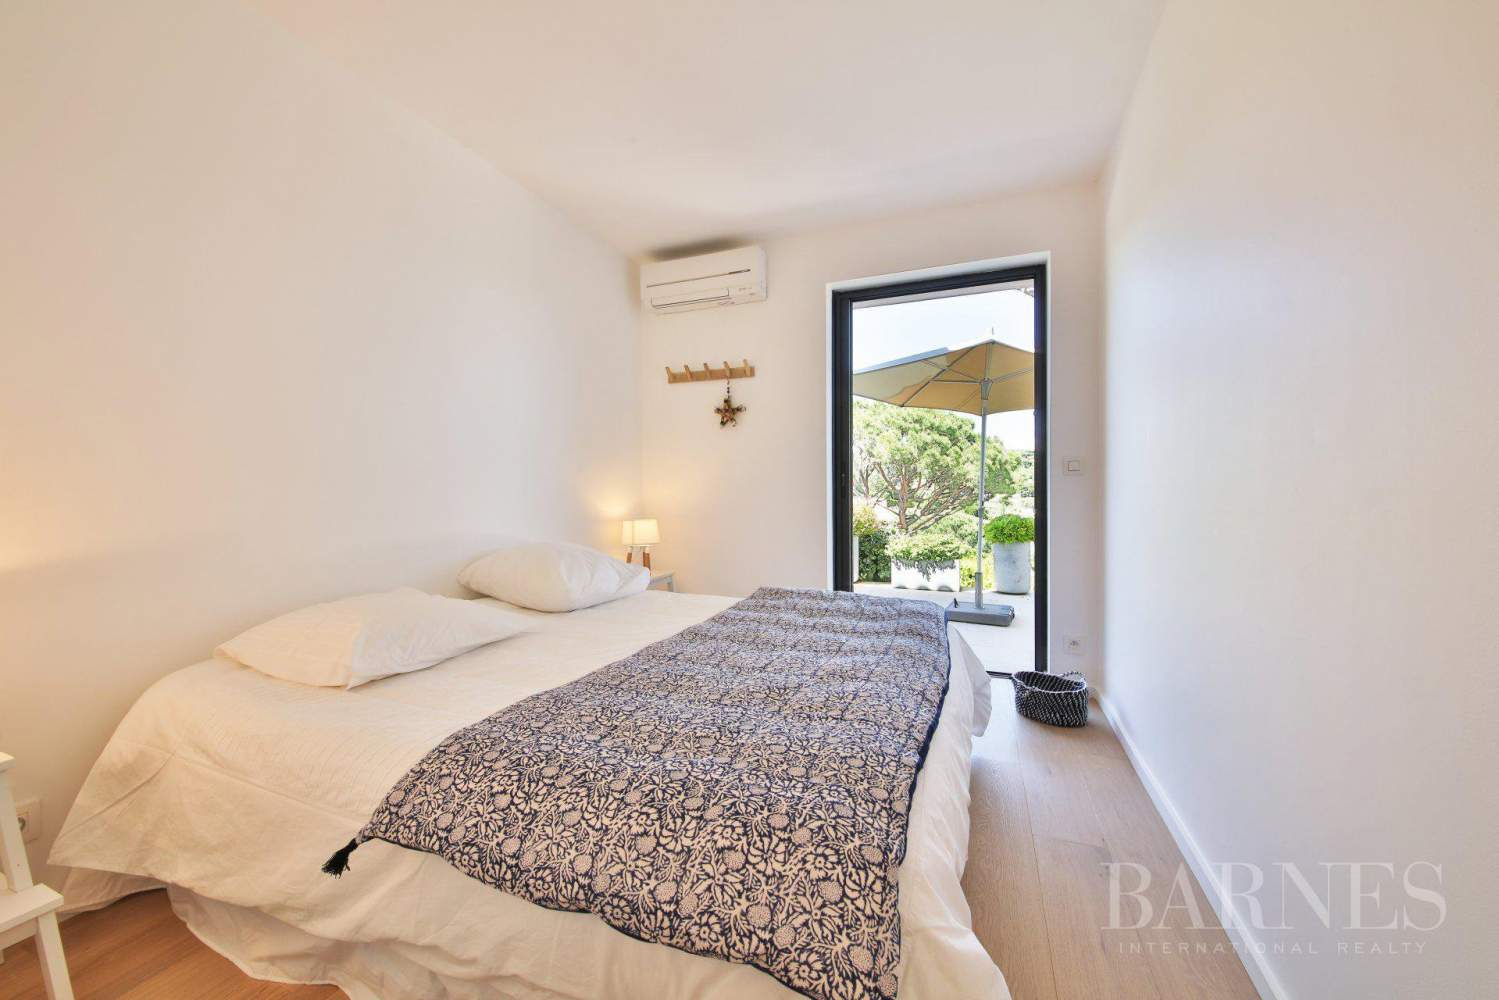 GRIMAUD - Villa moderne vue mer dans une résidence haut de gamme picture 15